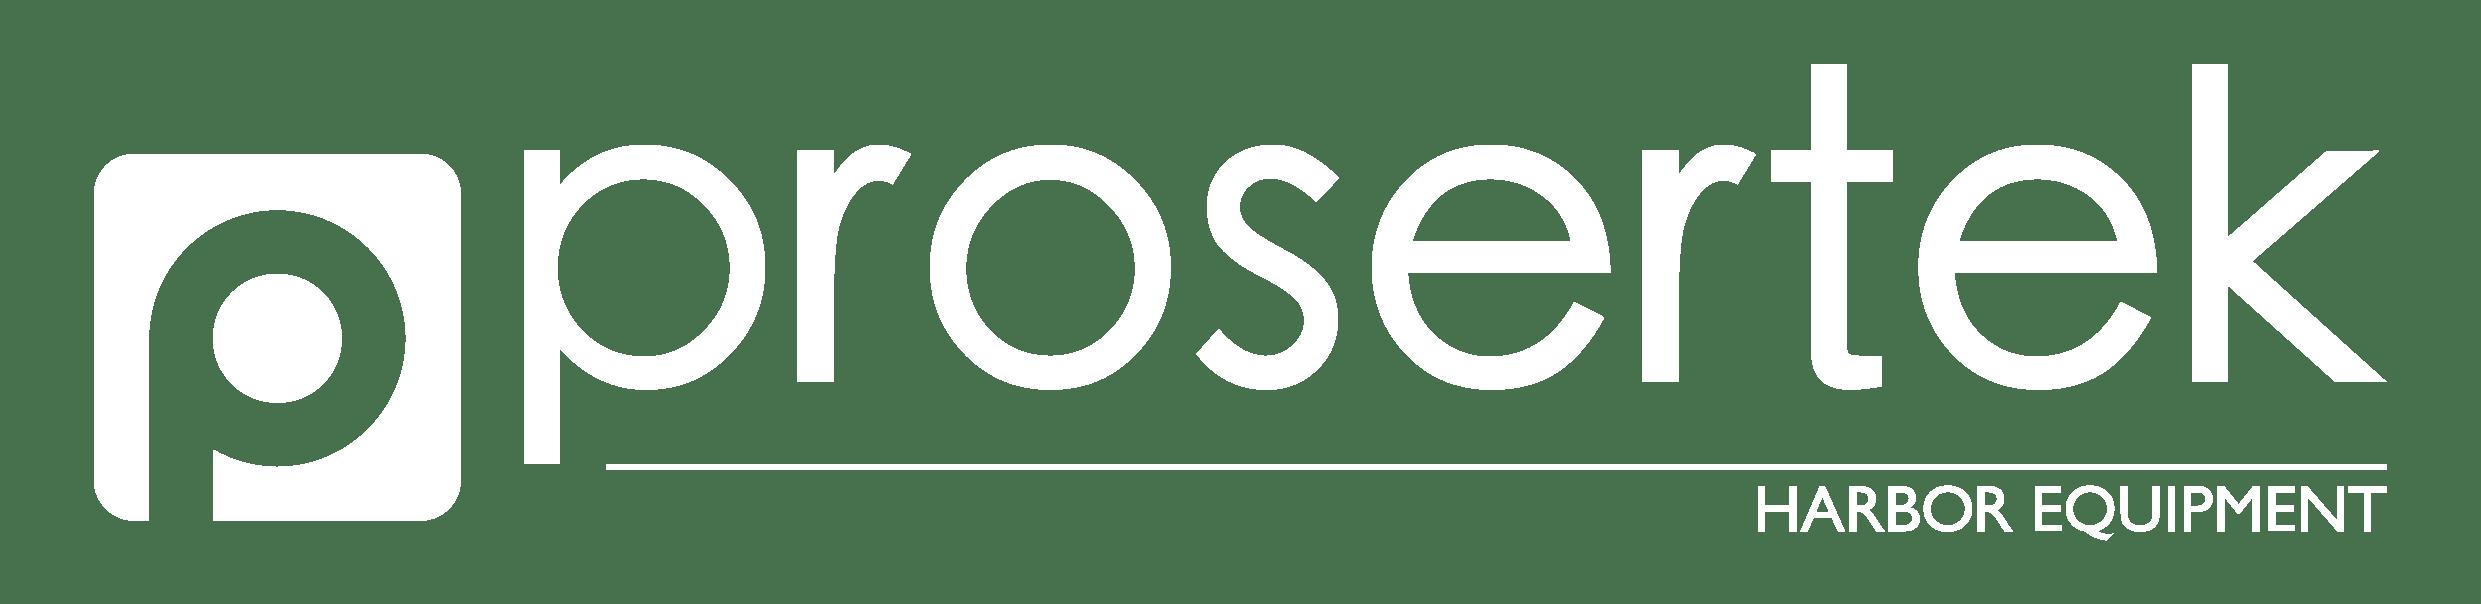 Prosertek logo